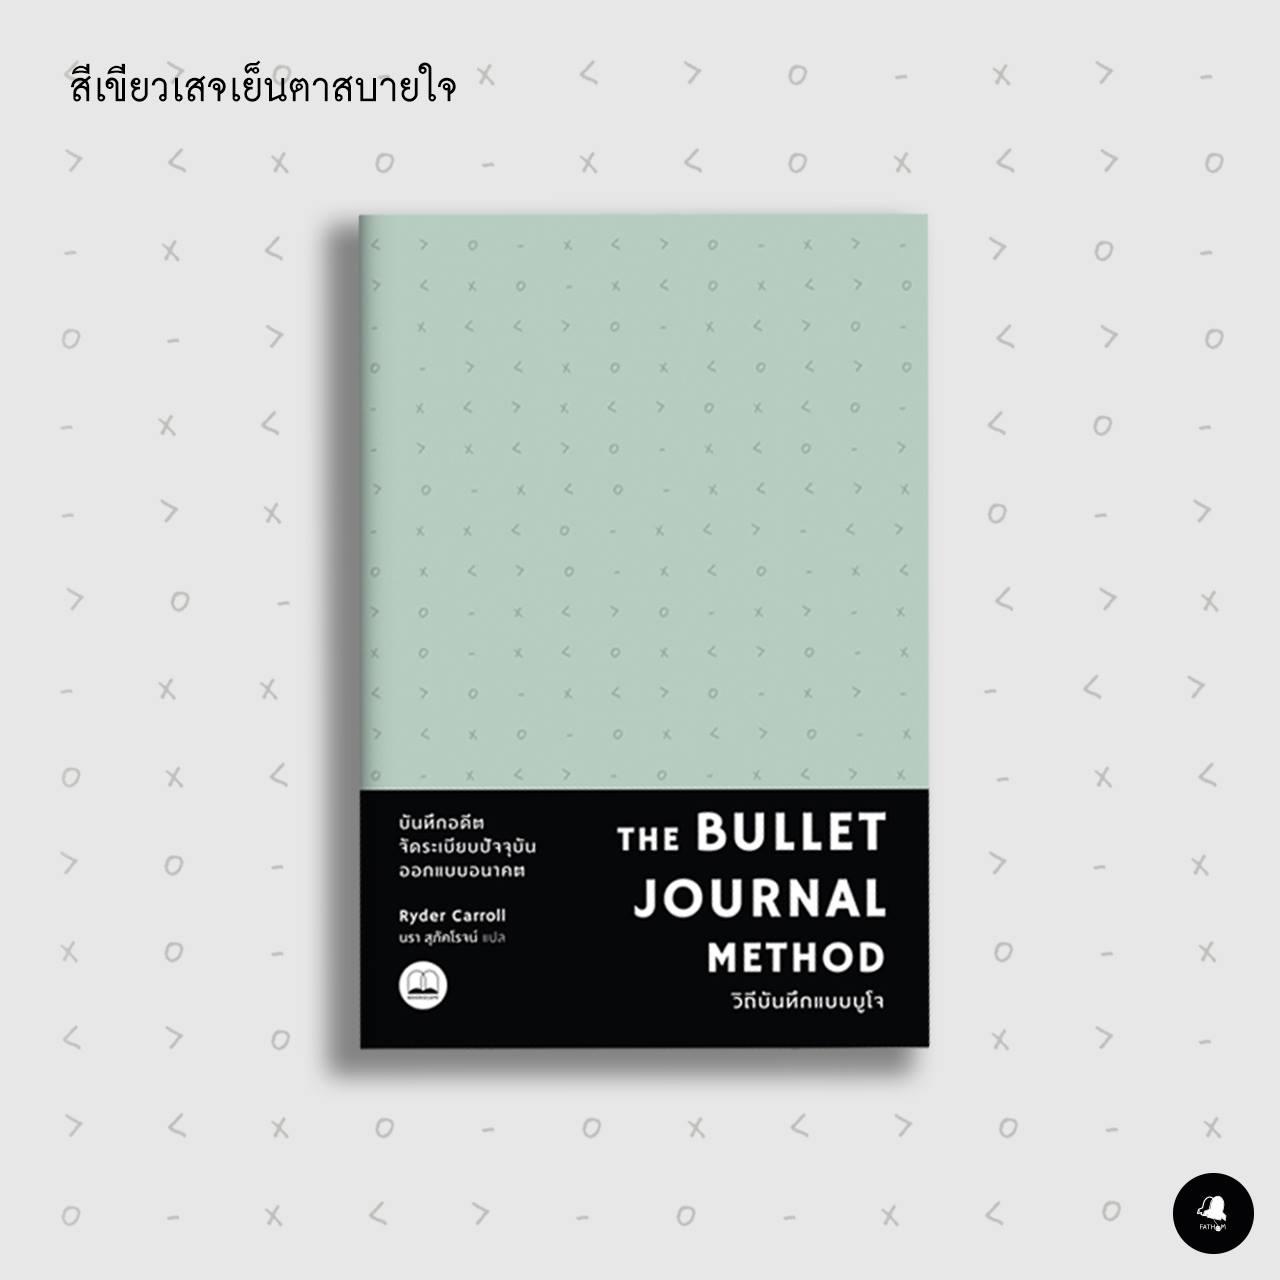 วิถีบันทึกแบบบูโจ (สีเขียว) The Bullet Journal Method / Ryder Carroll / นรา สุภัคโรจน์ / Bookscape(copy)(copy)(copy)